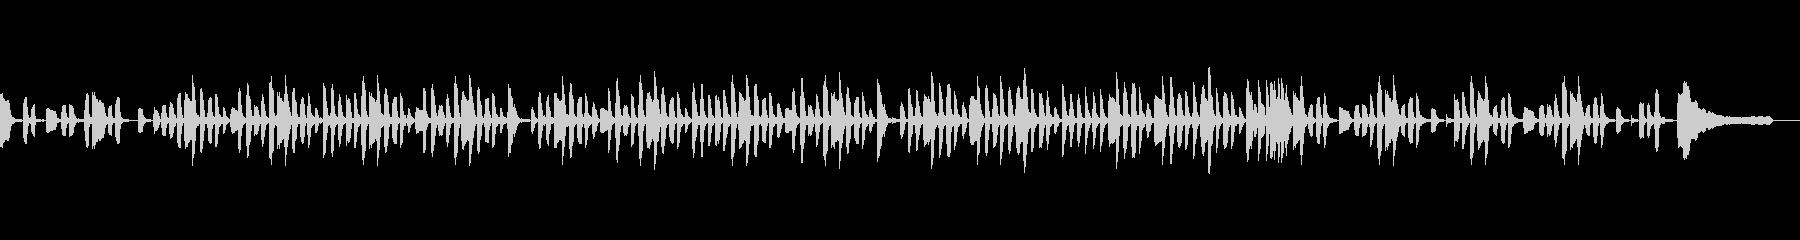 【ループ可】教育番組風のピアノミニマルの未再生の波形